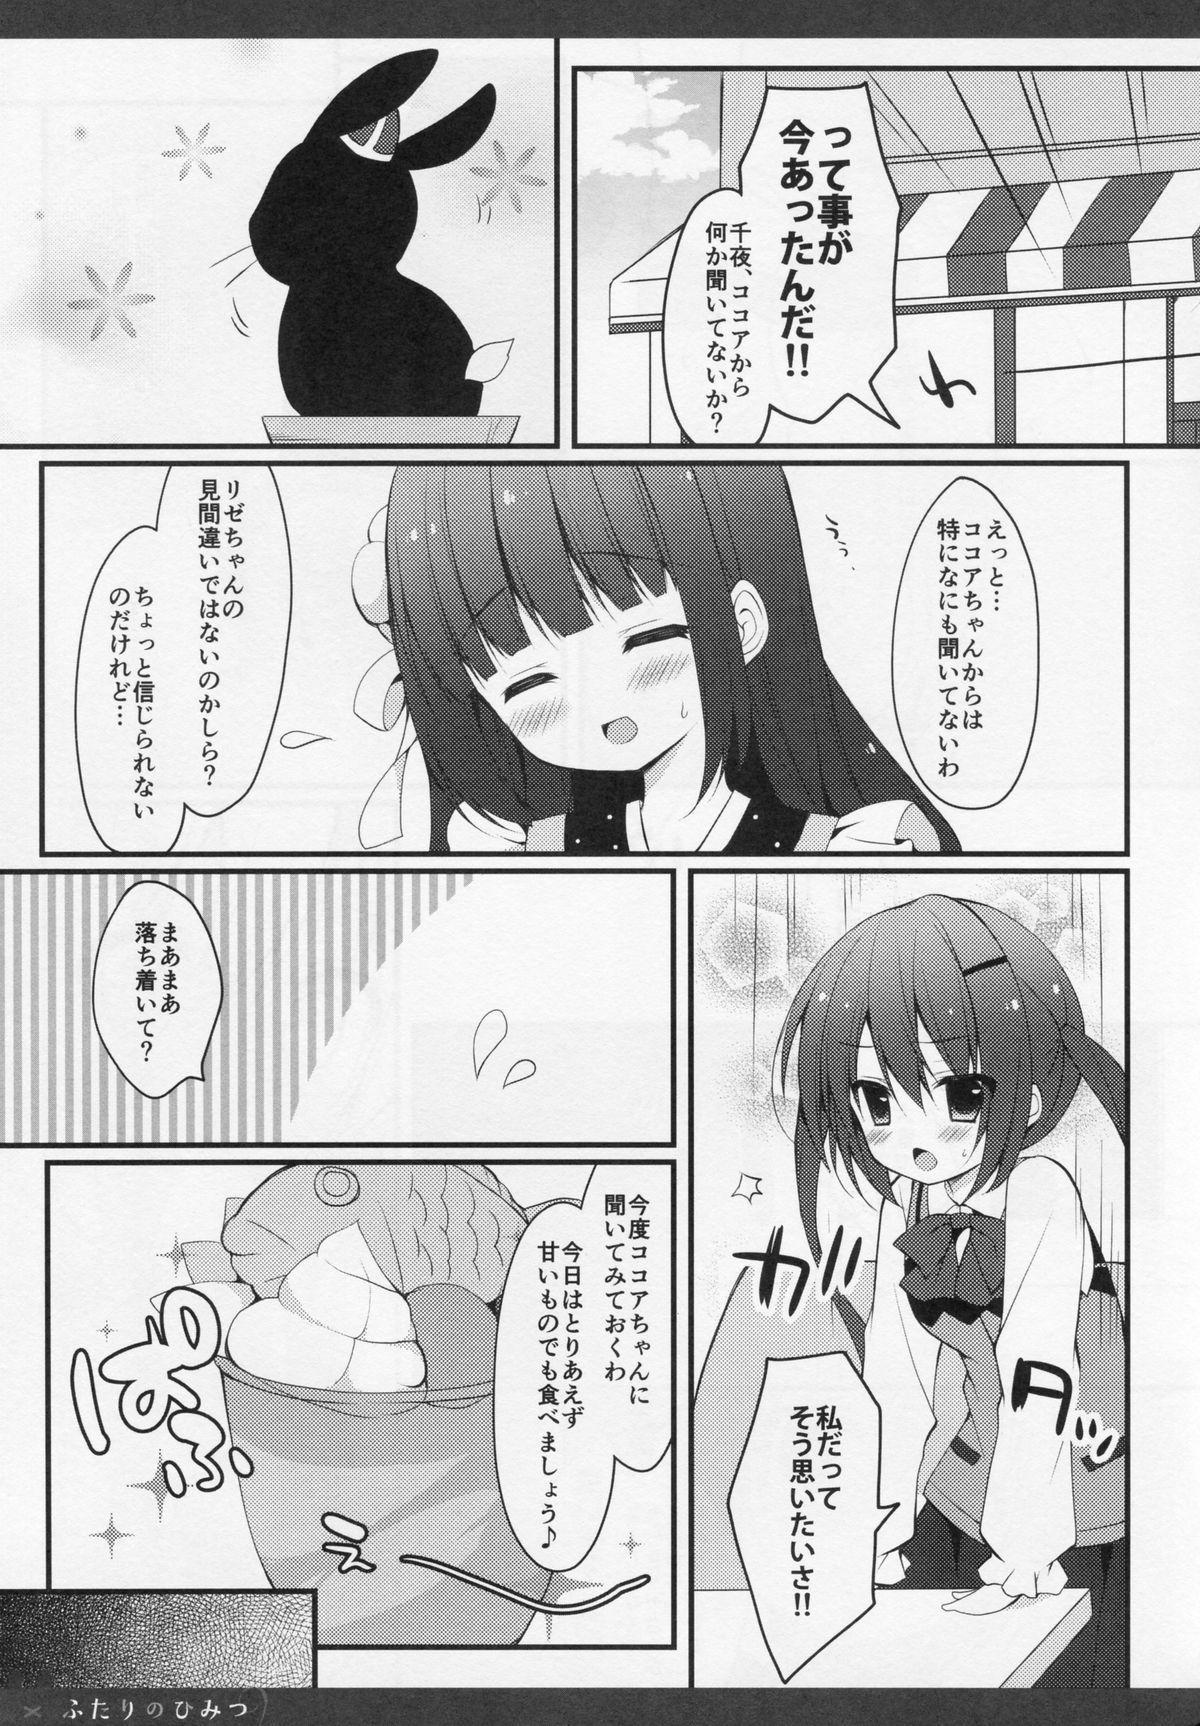 Futari no Himitsu 2 11